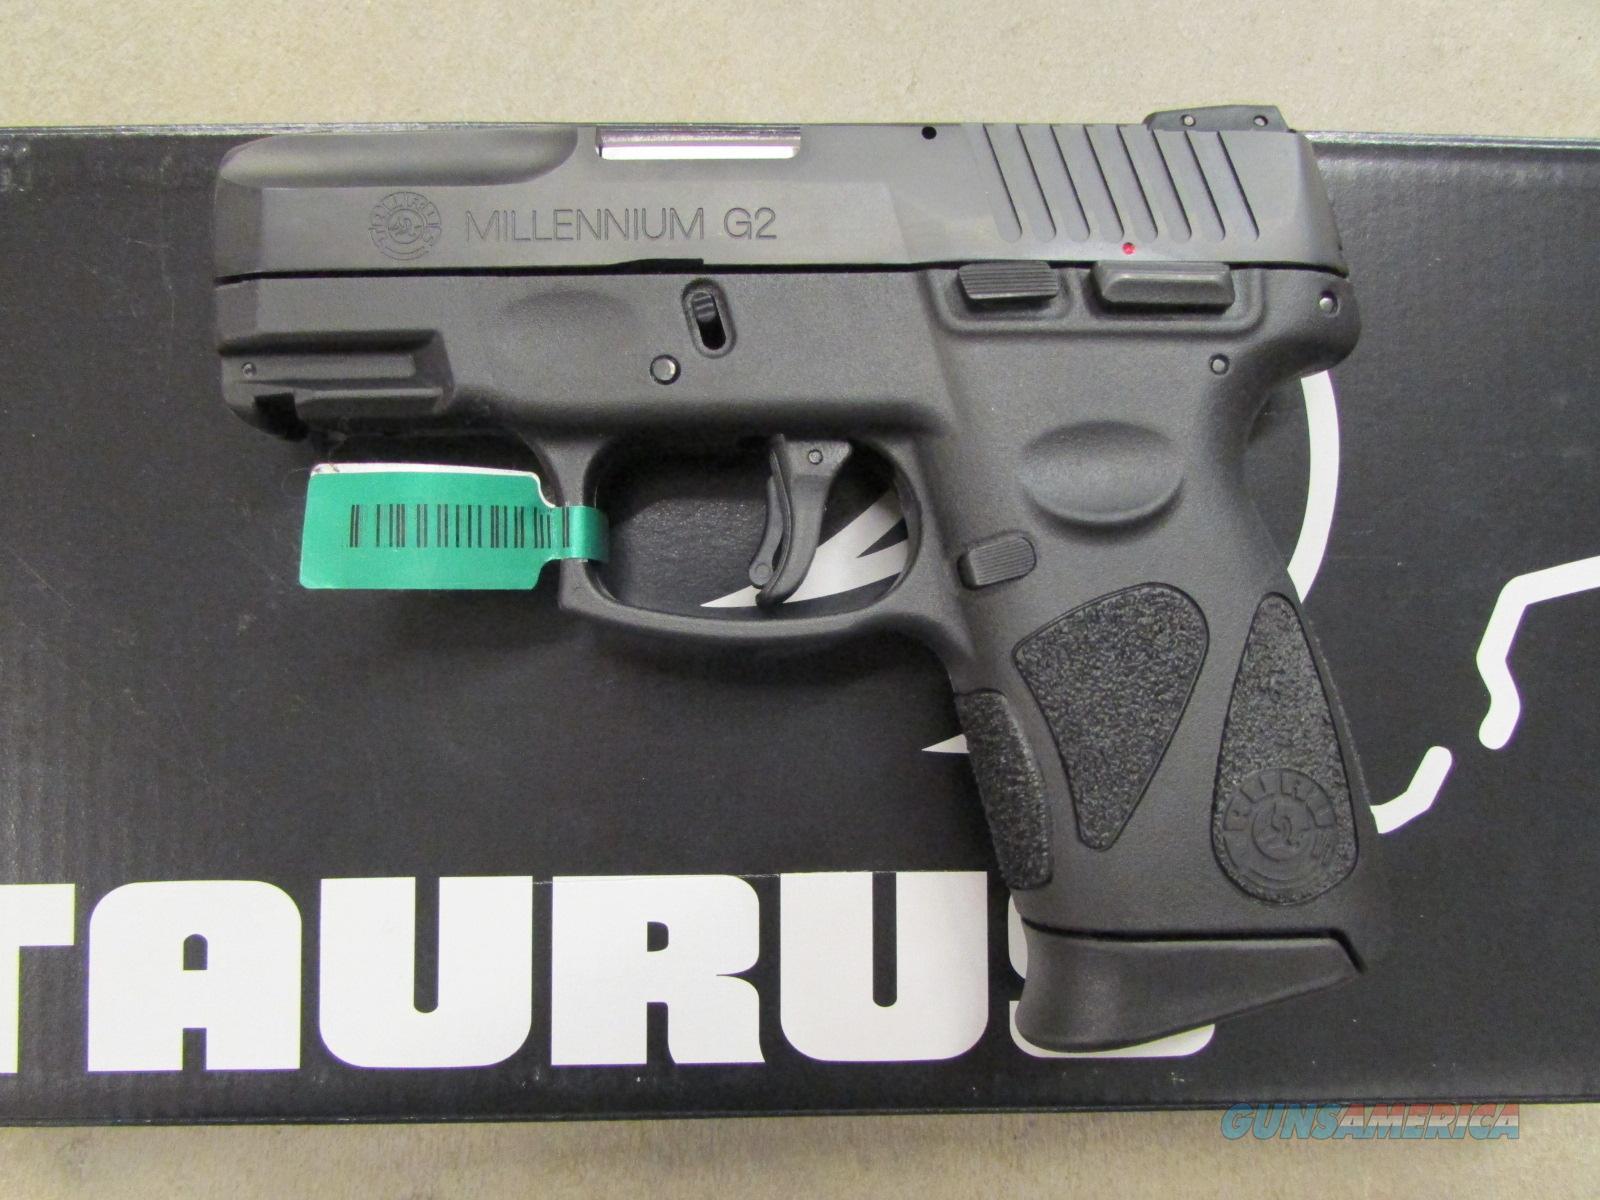 Taurus Pt111 Millennium G2 9mm 12 Rd 1 111031g2 For Sale Schematics 9790194